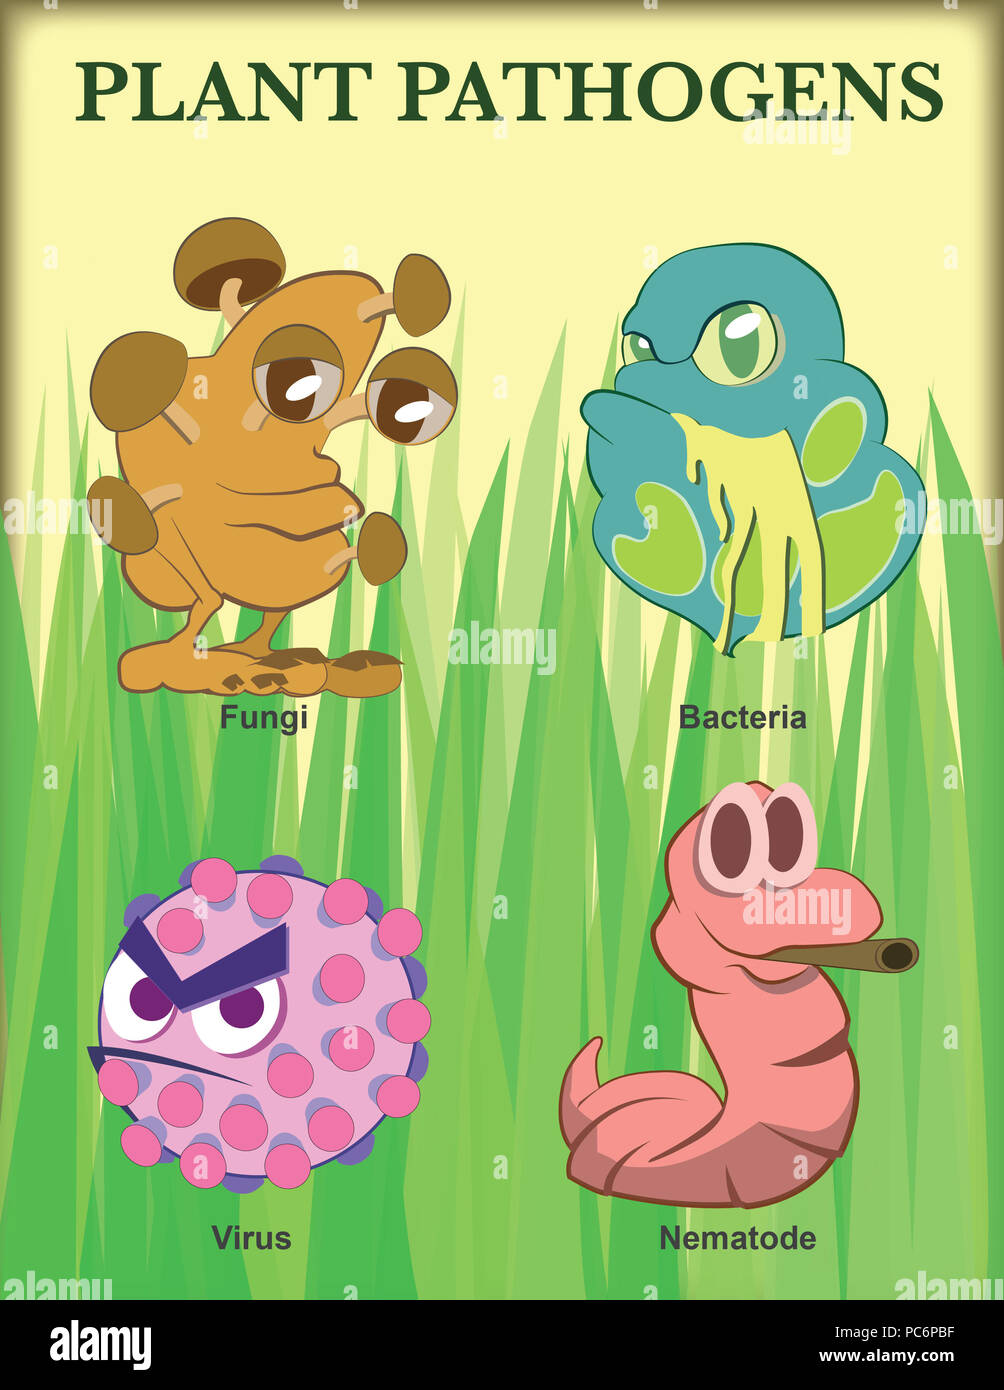 Illustration of plant pathogenic bacteria, nematode, fungi and virus - Stock Image